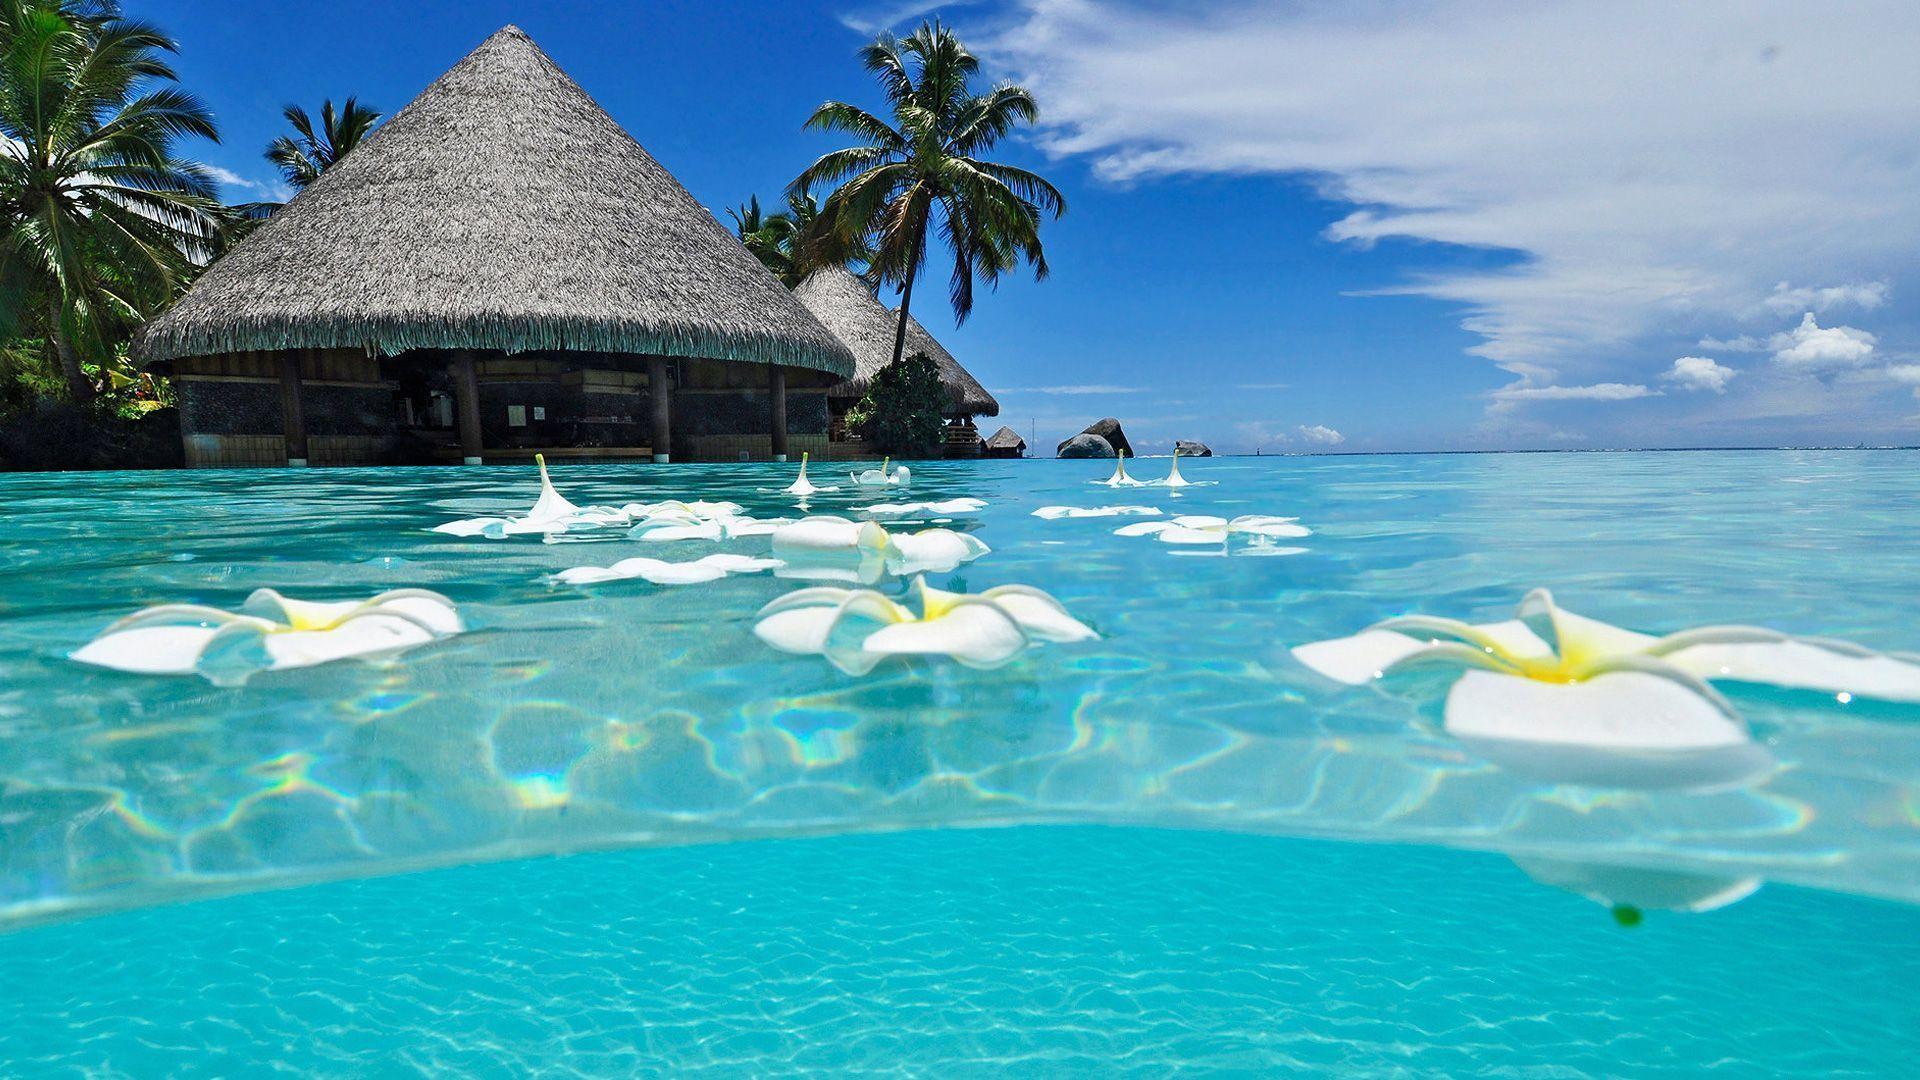 beach paradise beaches - photo #3